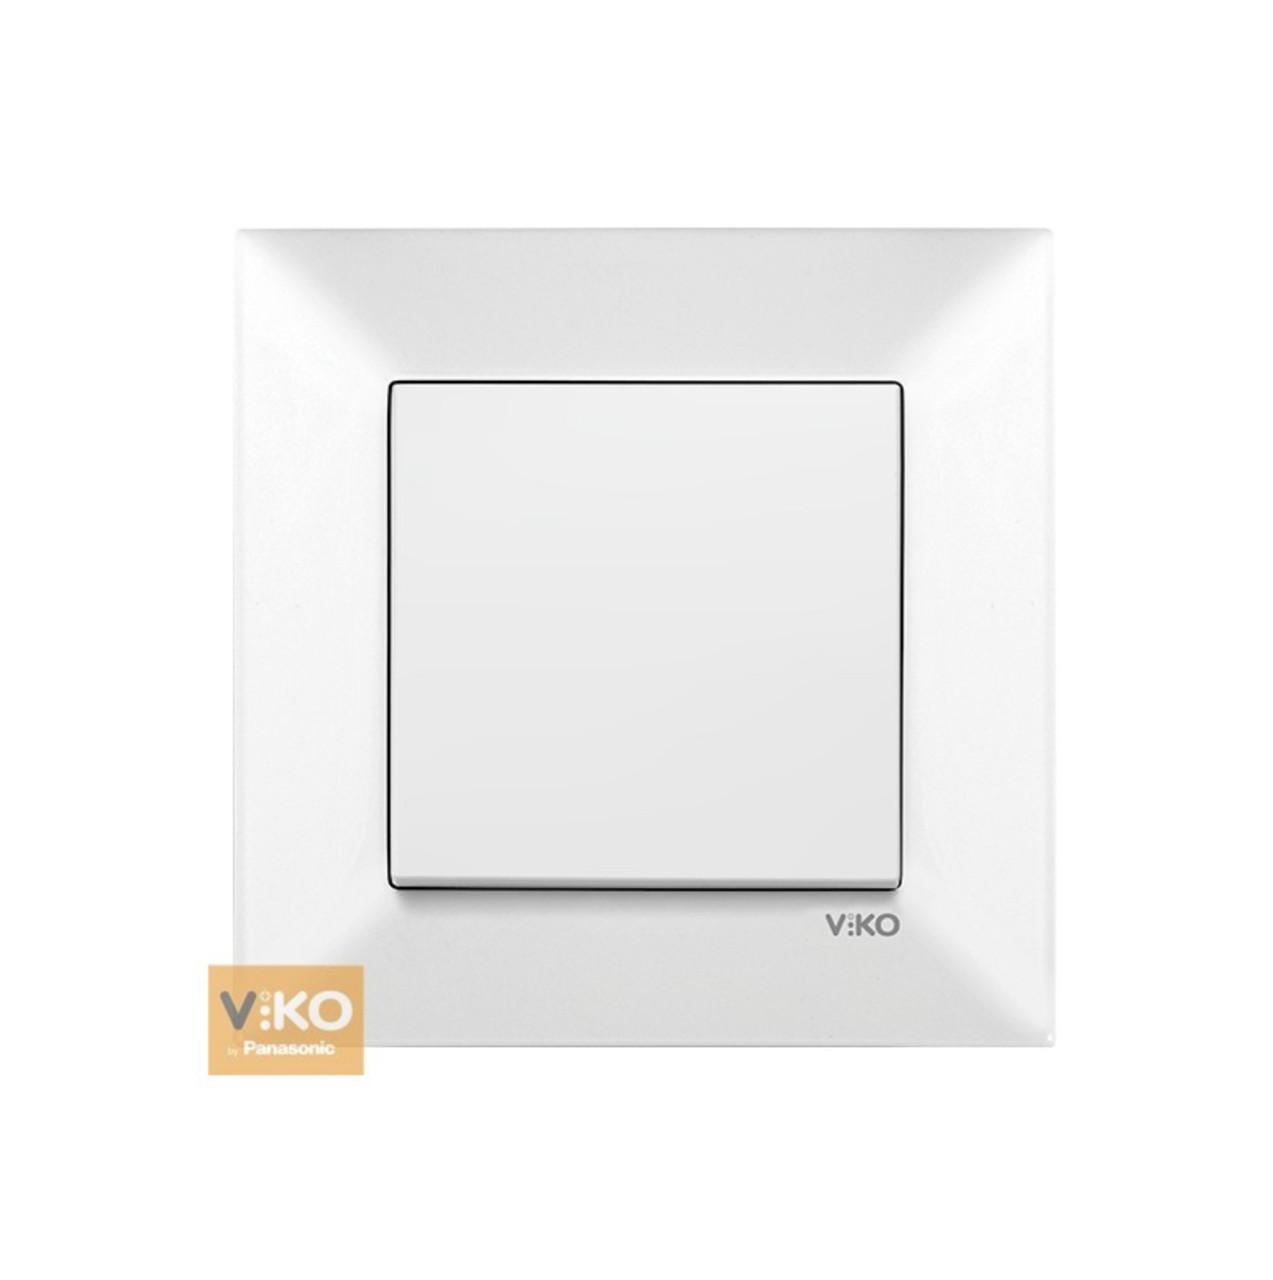 Выключатель одноклавишный VIKO Meridian - Белый